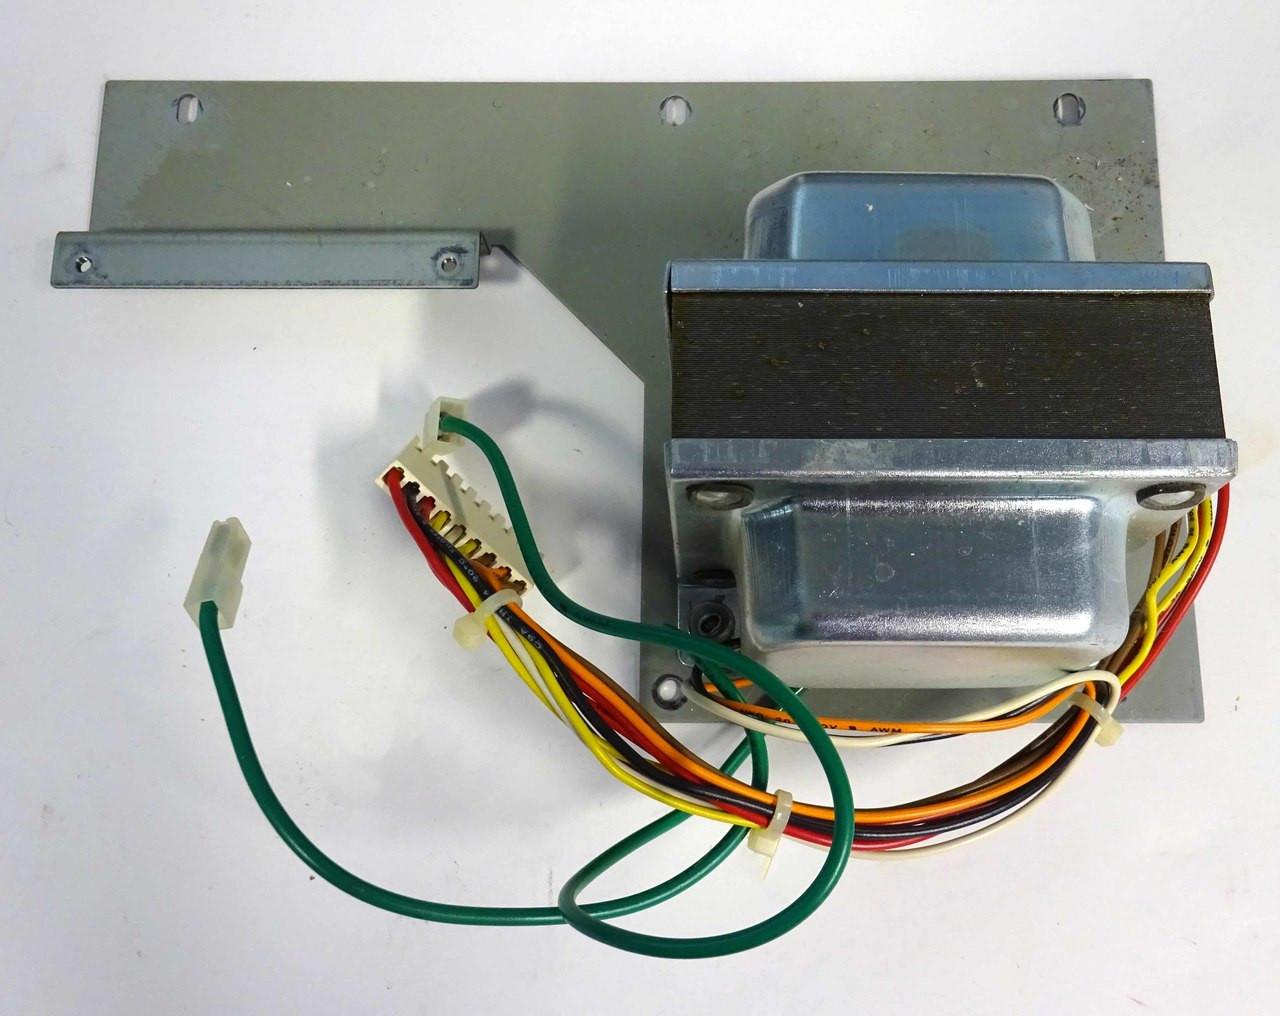 hight resolution of ensoniq asr 88 120v power transformer